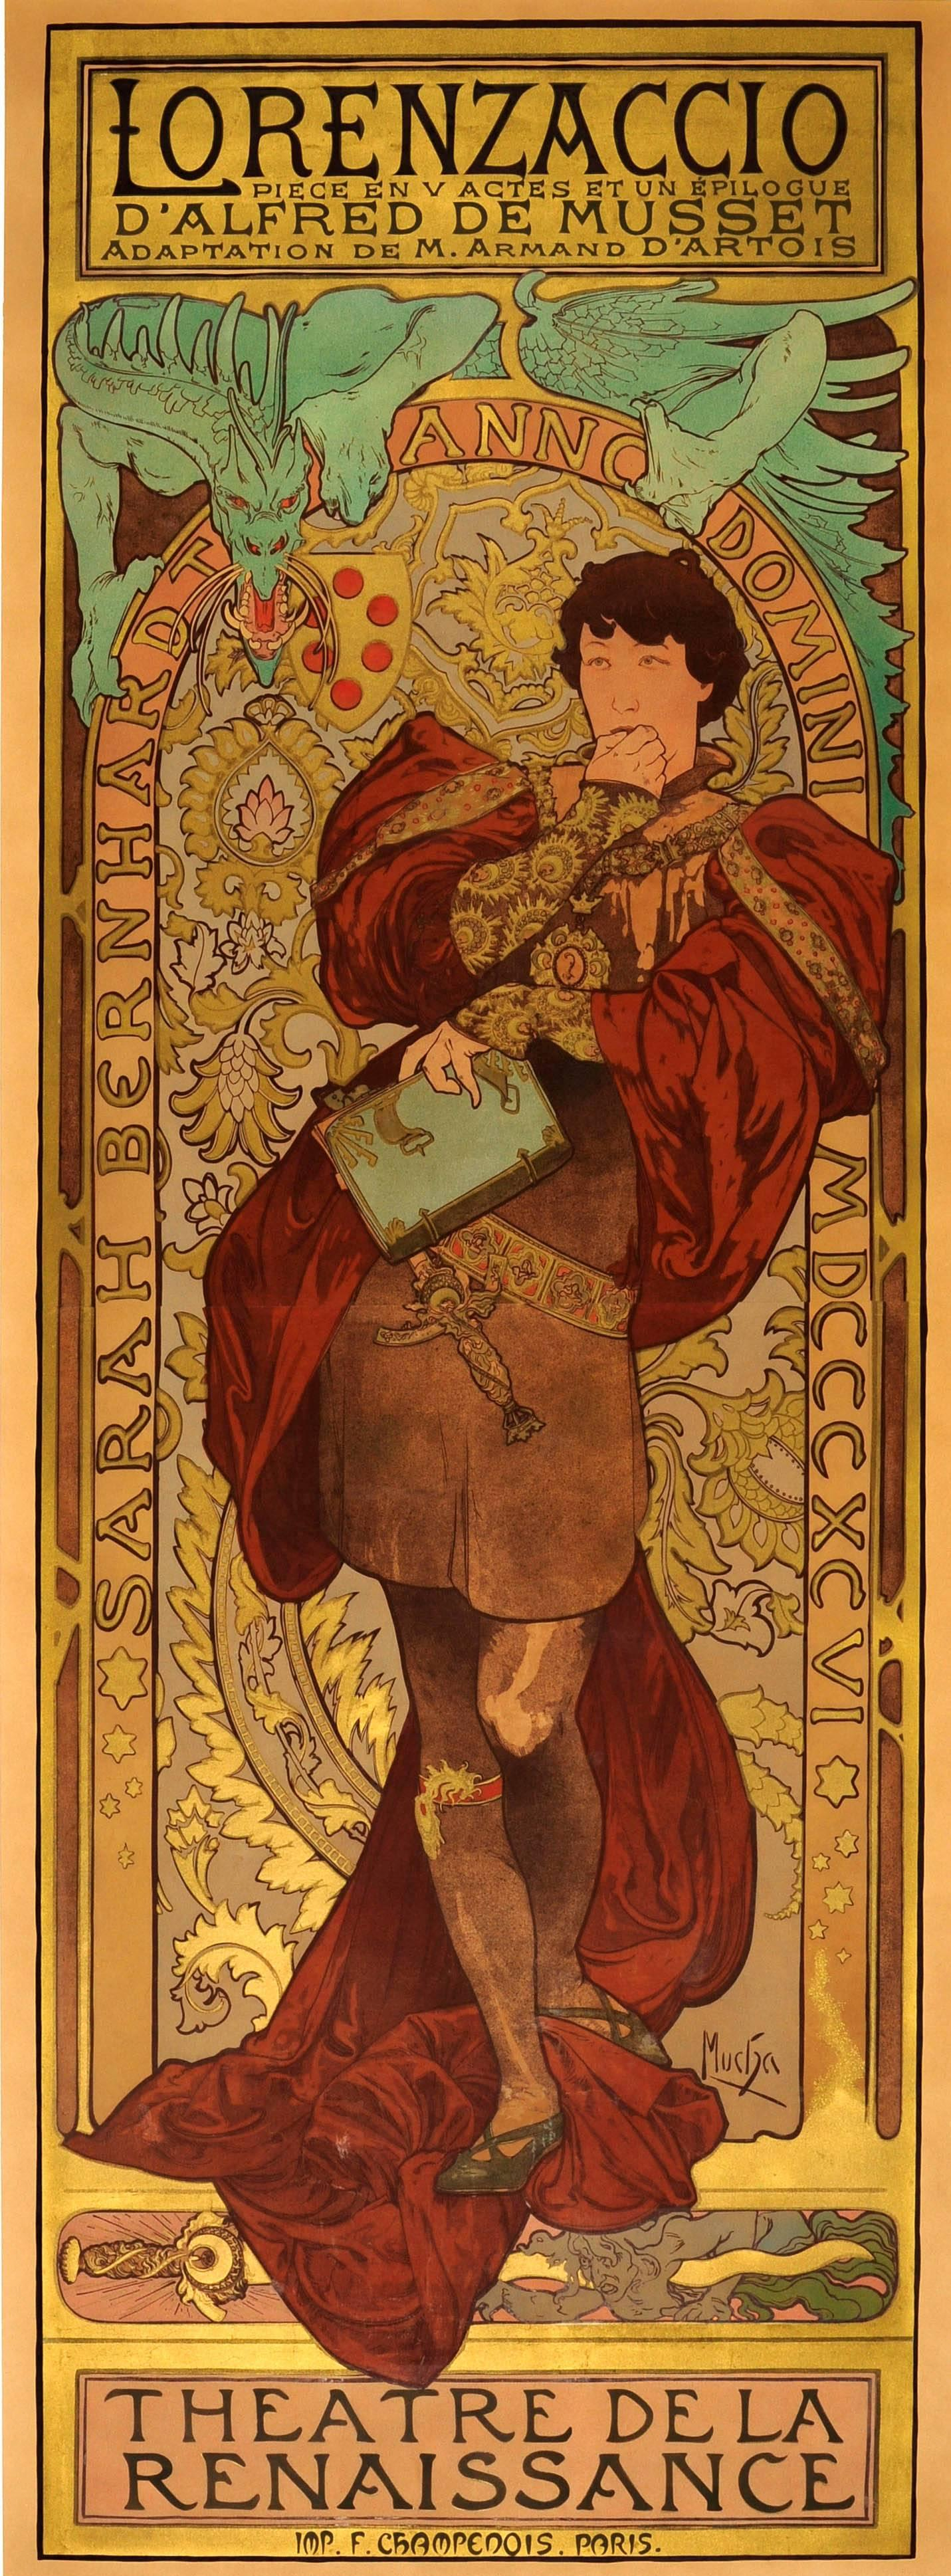 Lorenzaccio Art Nouveau Print Alphonse Mucha Poster Theatre de la Renaissance